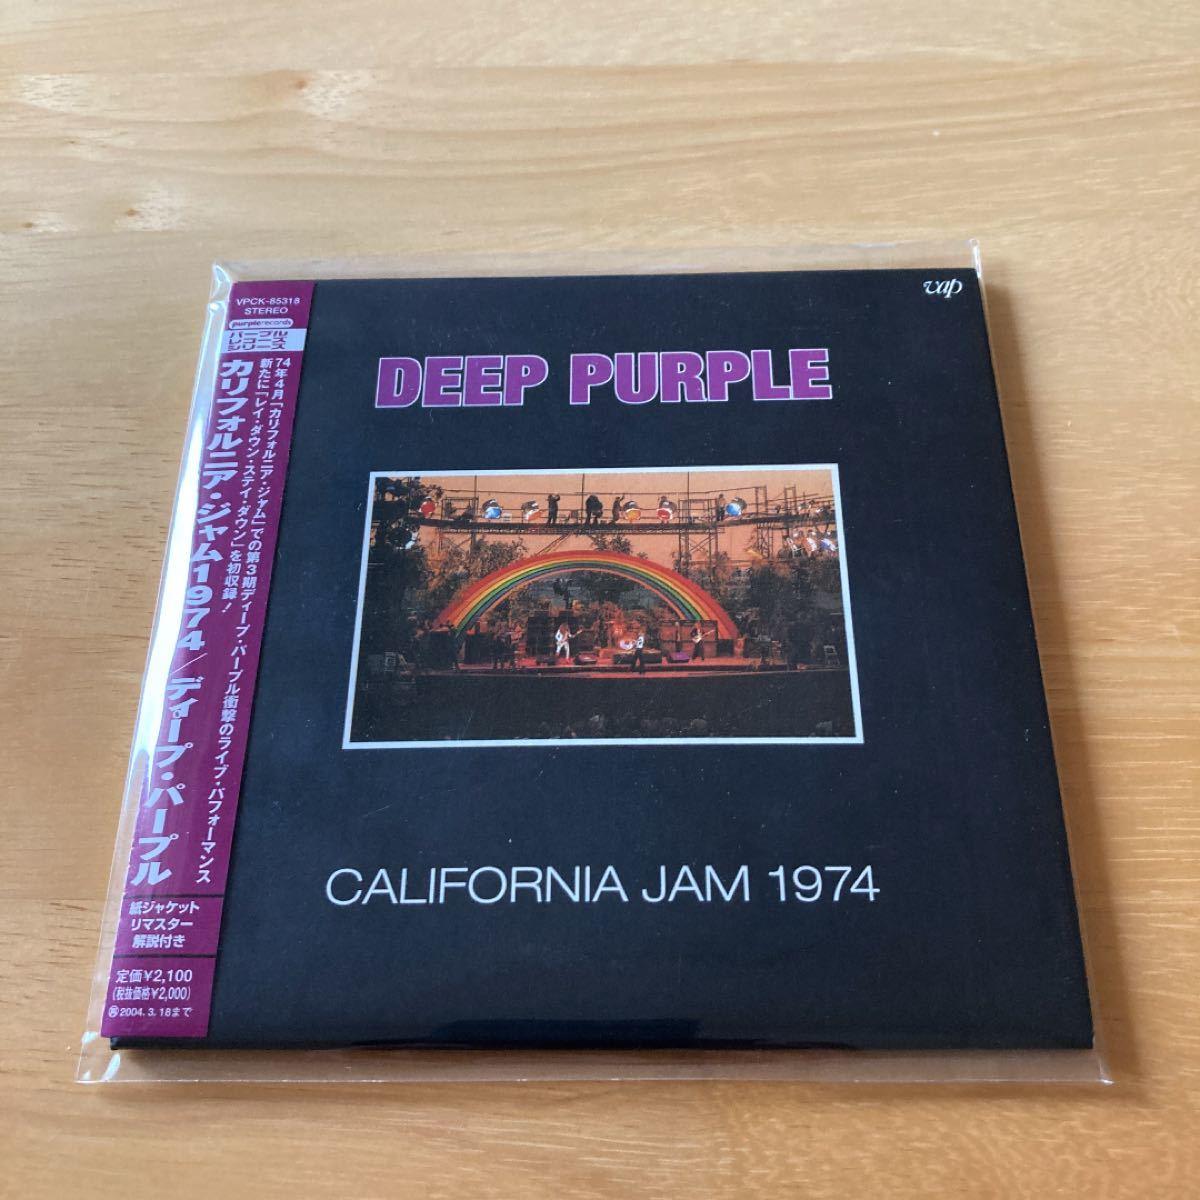 【美品】ディープ・パープル/カリフォルニア・ジャム 1974[紙ジャケット仕様]